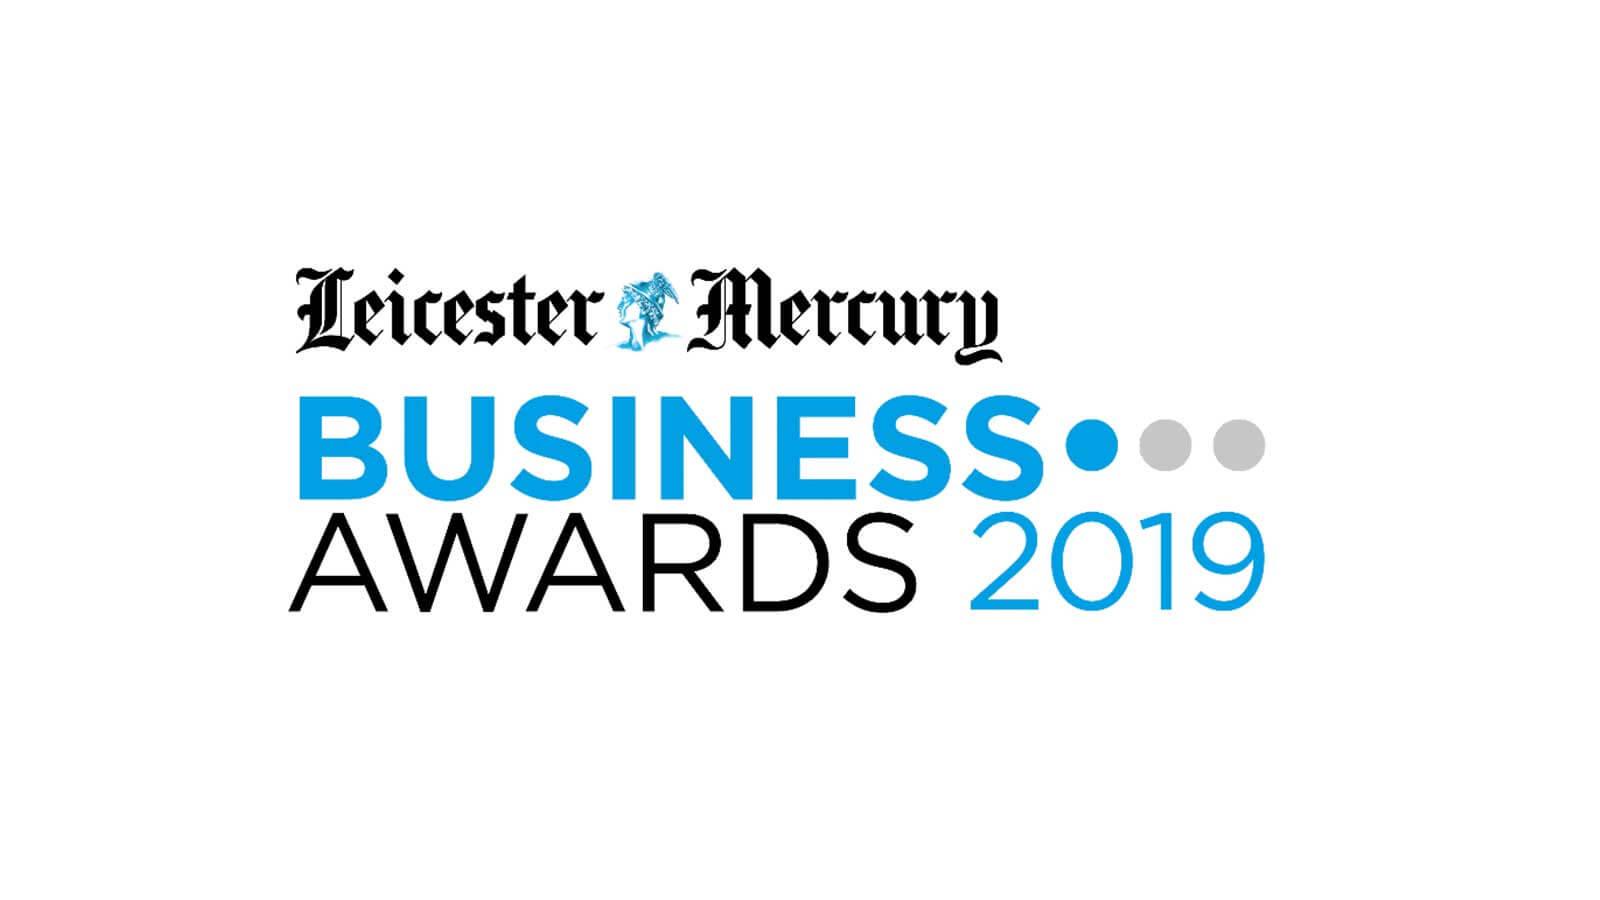 Business Awards 2019